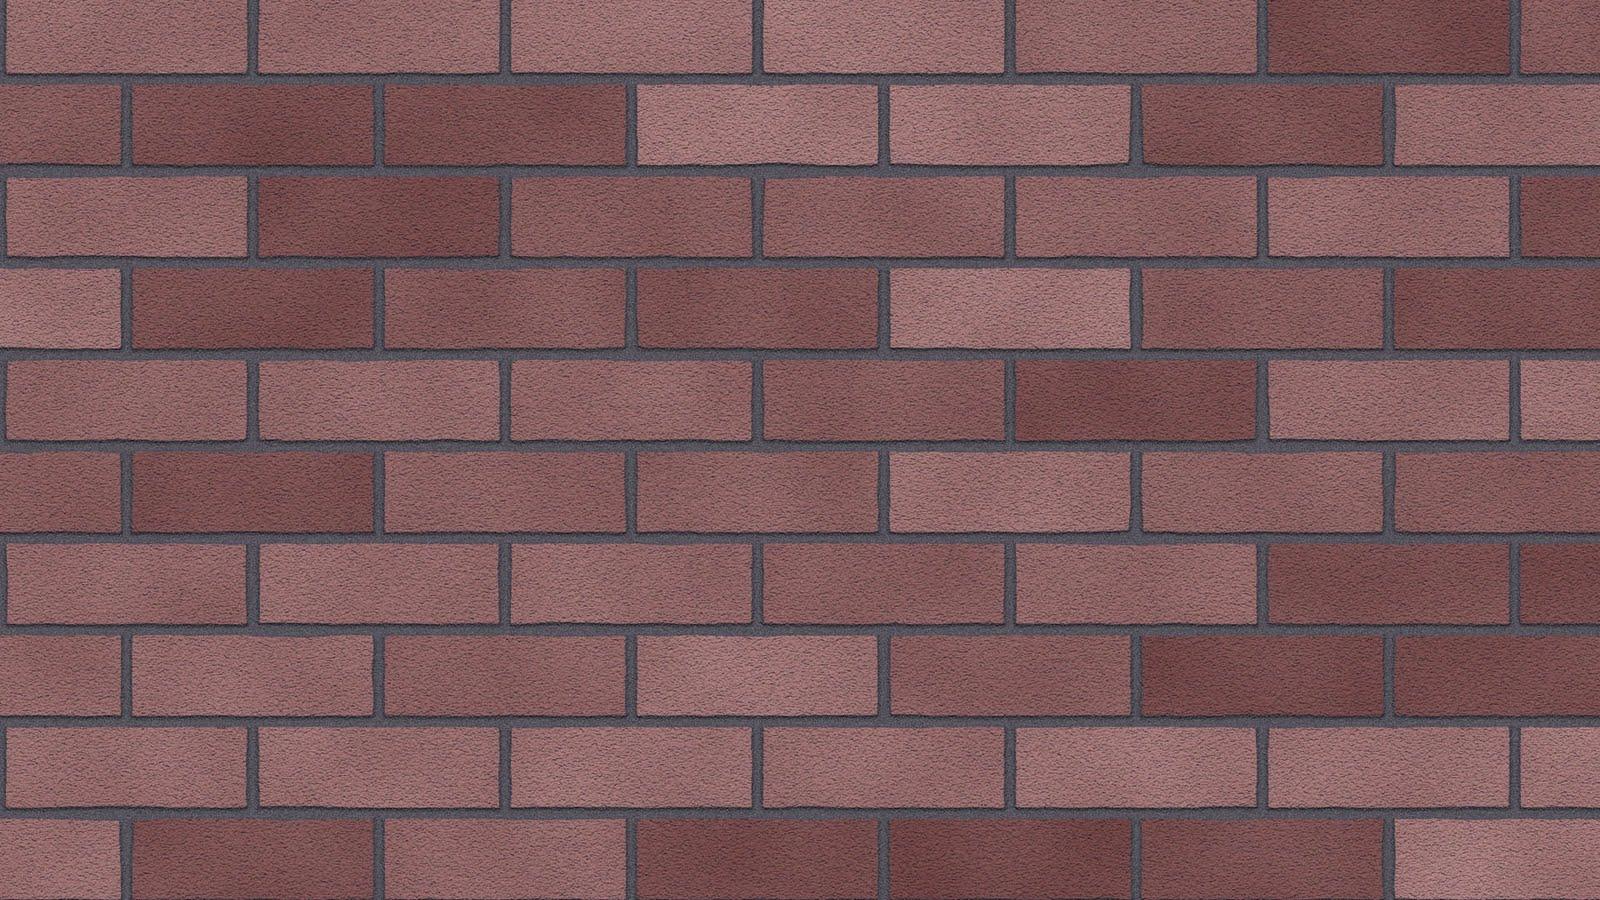 Stenen muur achtergronden hd wallpapers - Muur steen duidelijk ...